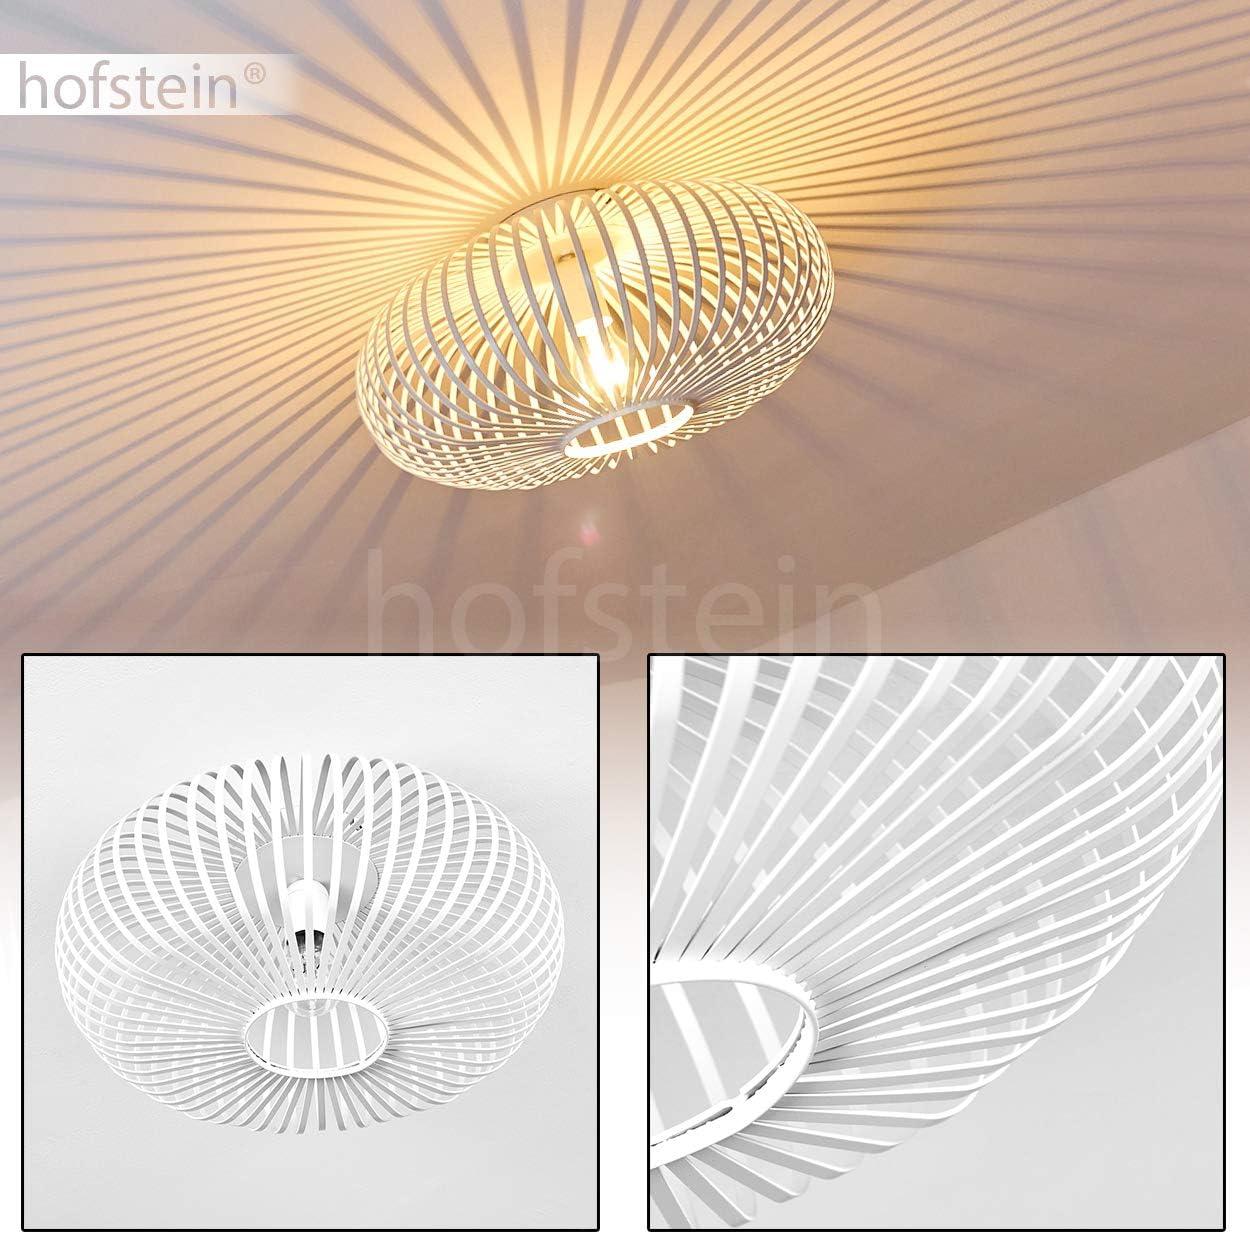 Lámpara de techo metálica Lepa de diseño extraordinario de puntales metálicos blancos, gran efecto luminoso en el techo, adecuada para salón, toma de corriente E27 máx. 60 W